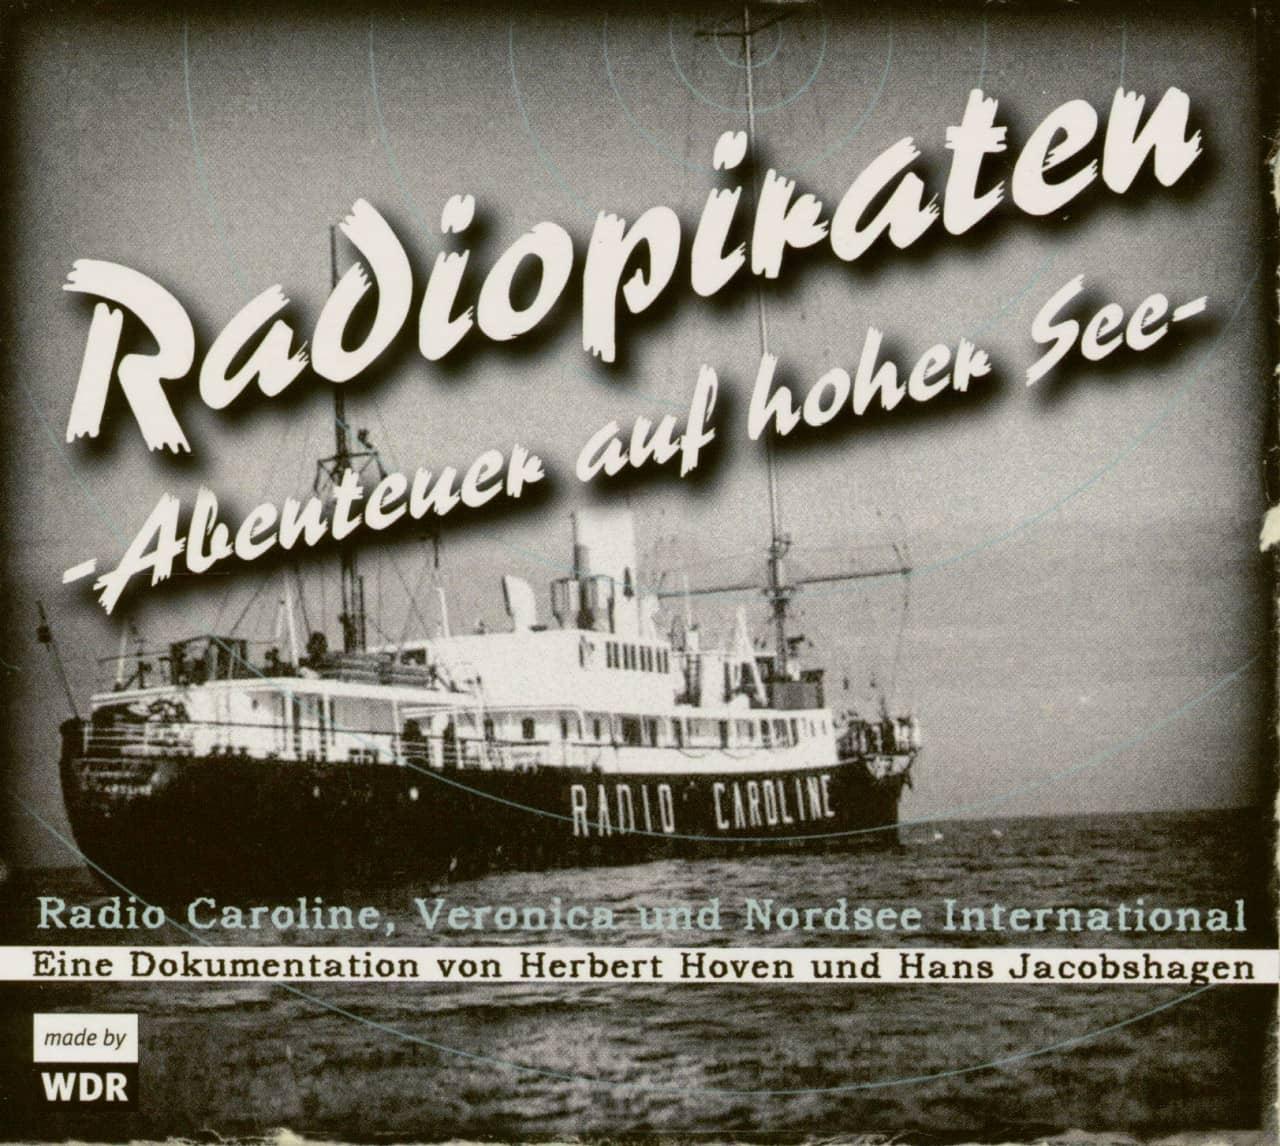 Radiopiraten (Hörbuch) - Abenteuer auf hoher See (2-CD) WDR Dokumentation